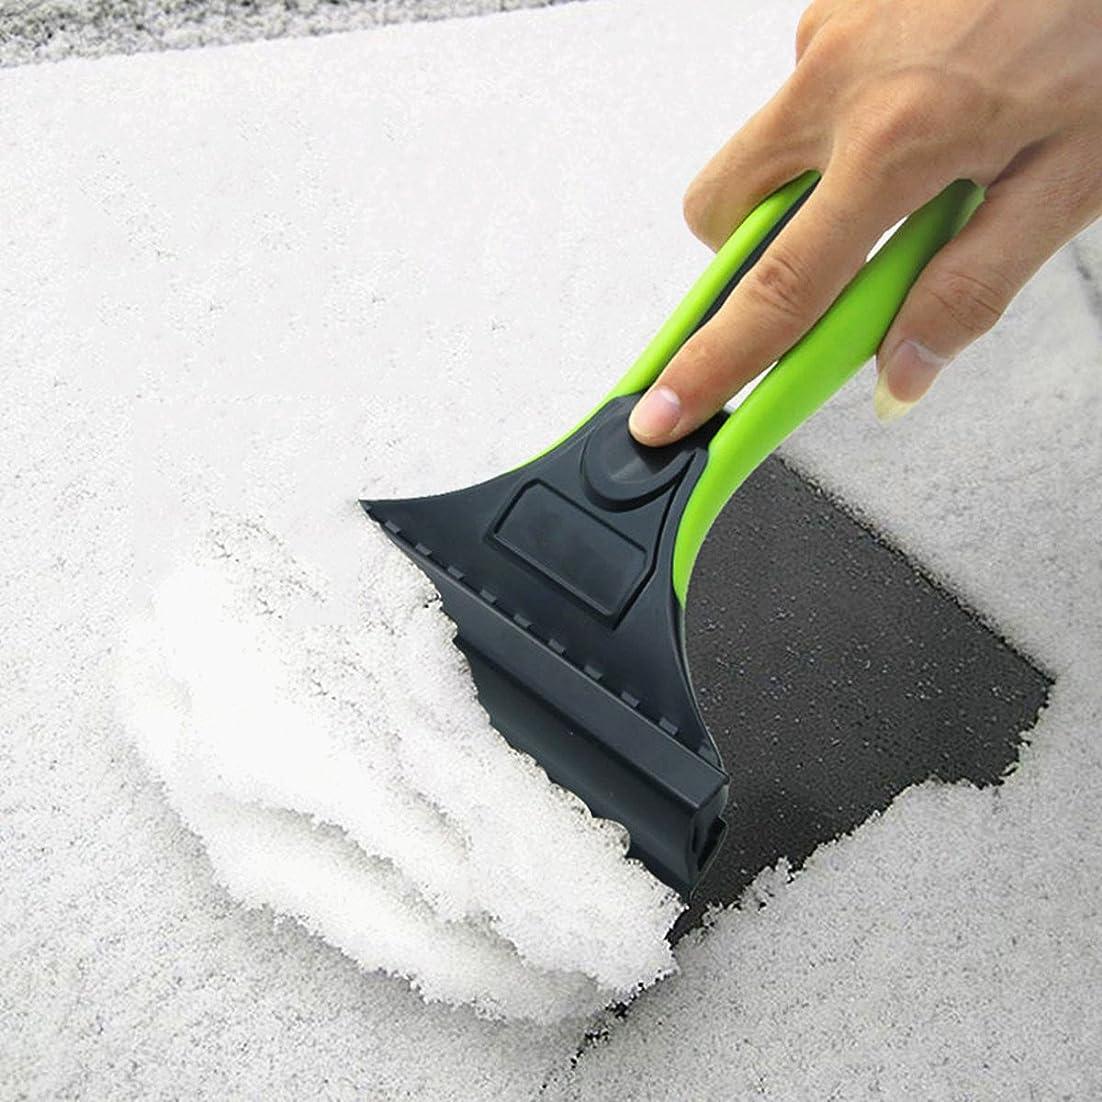 ドリンクタービンリムFEZZ 氷かき 雪かき 車 除氷 スノーブラシ 除雪 雪対策 工具 小型 カーフロントガラス雪落とし PVC グーリン ソフトハンドル 11 ネイル 自動車アクセサリー